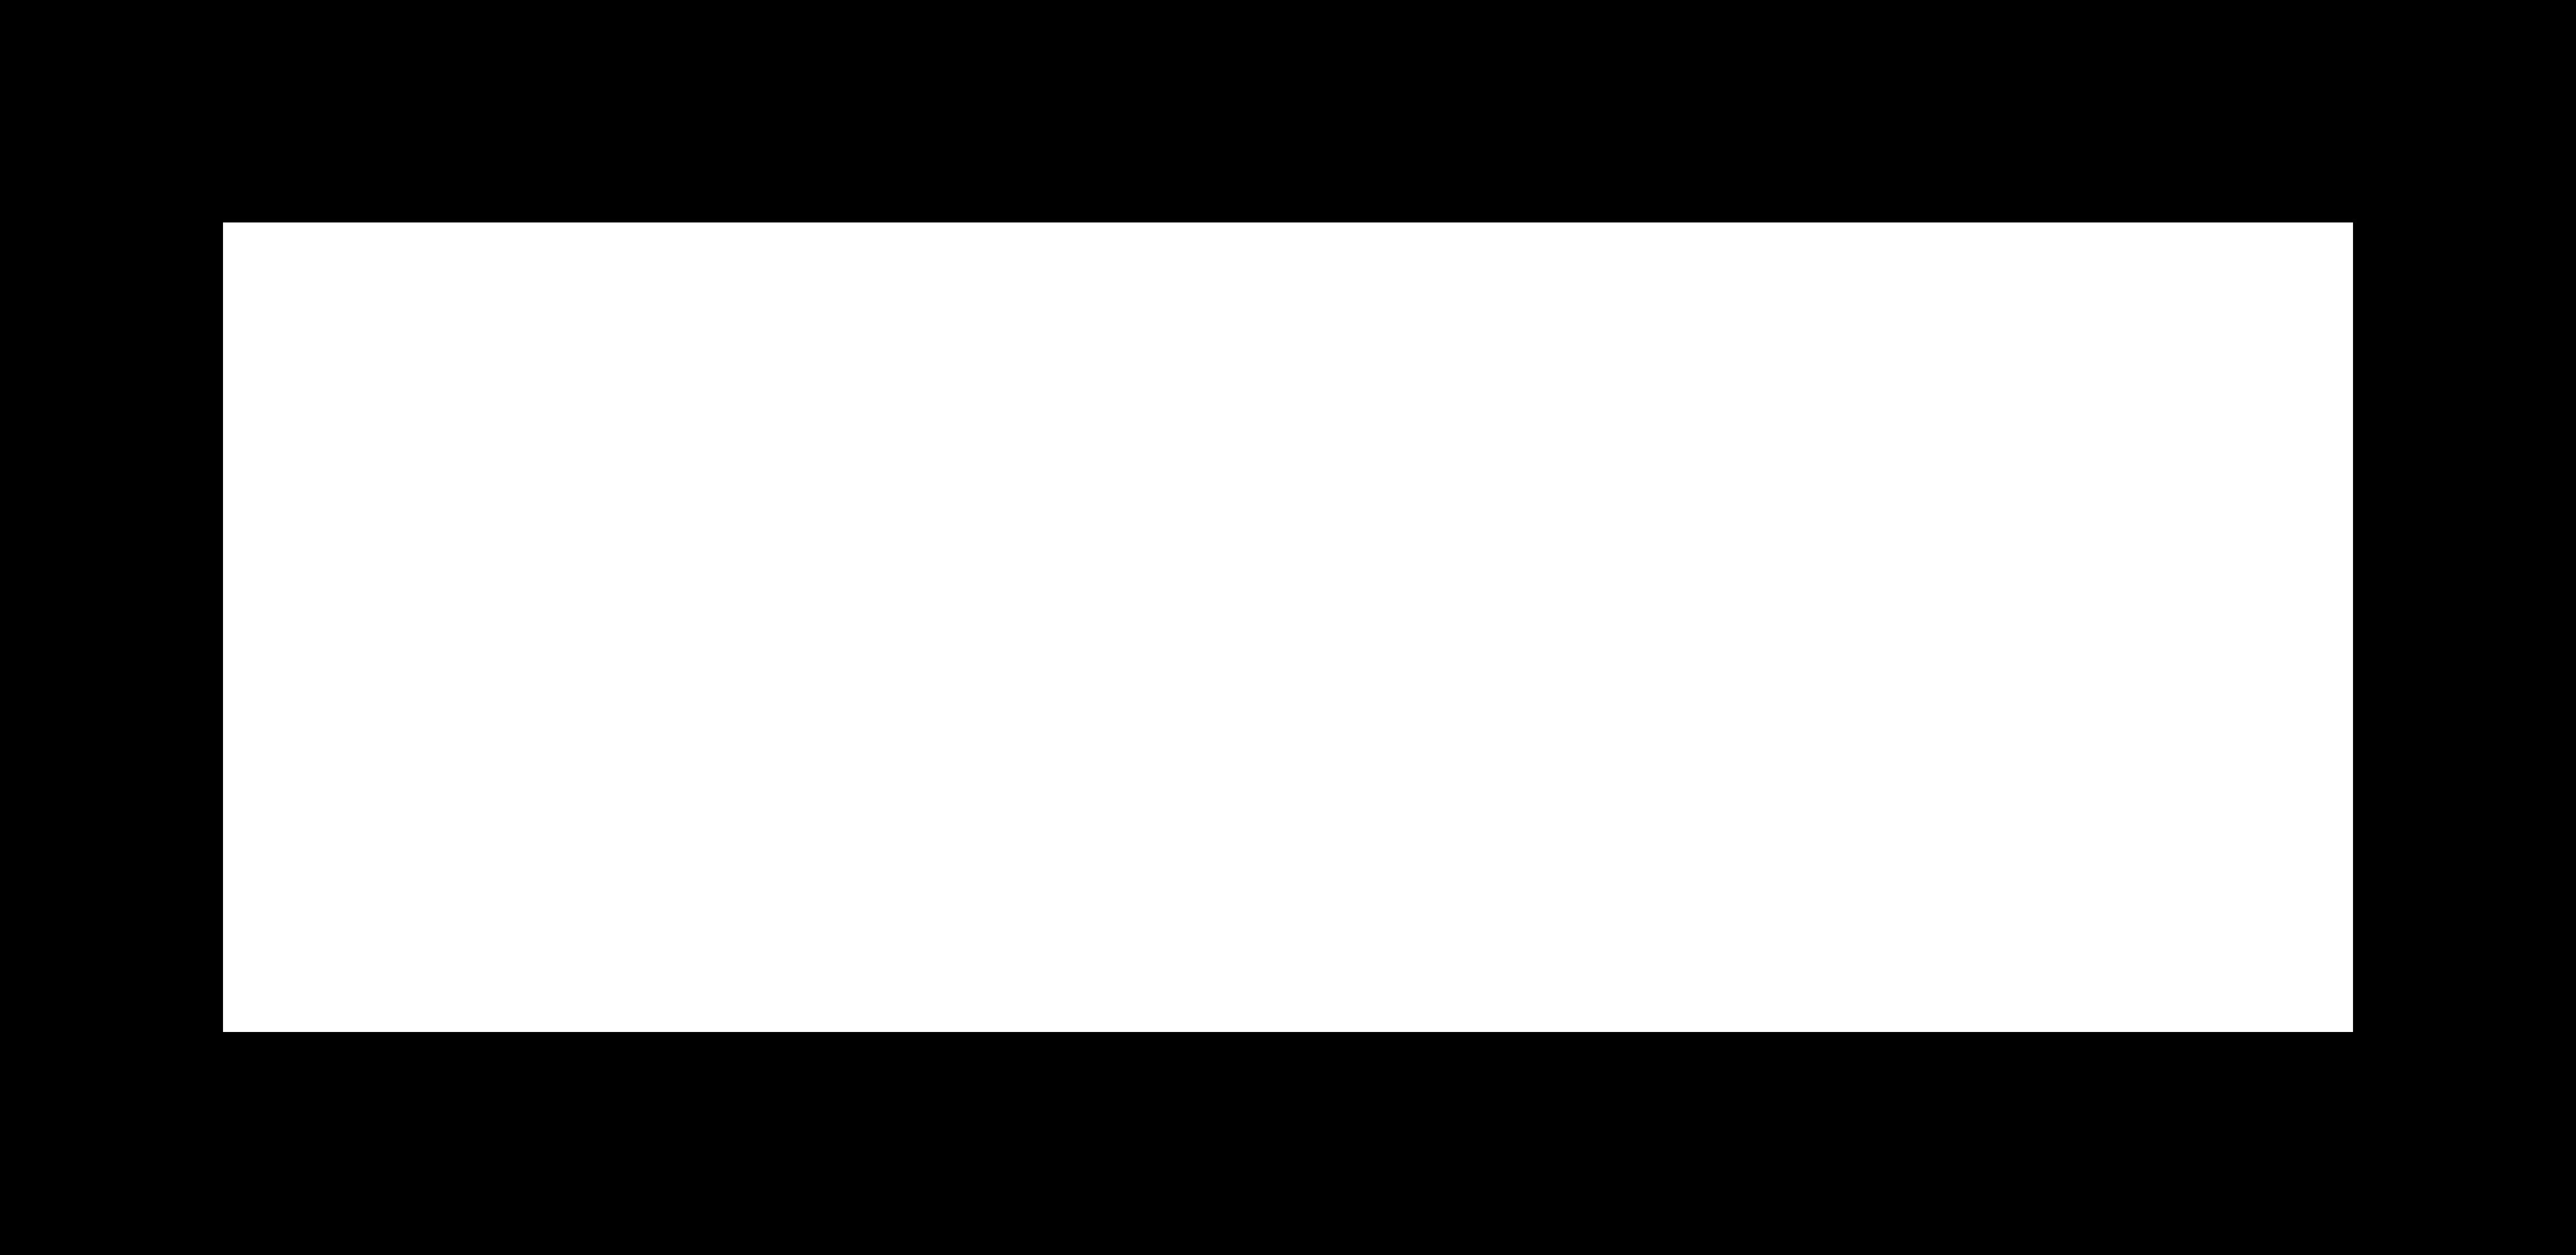 resultados-digitais